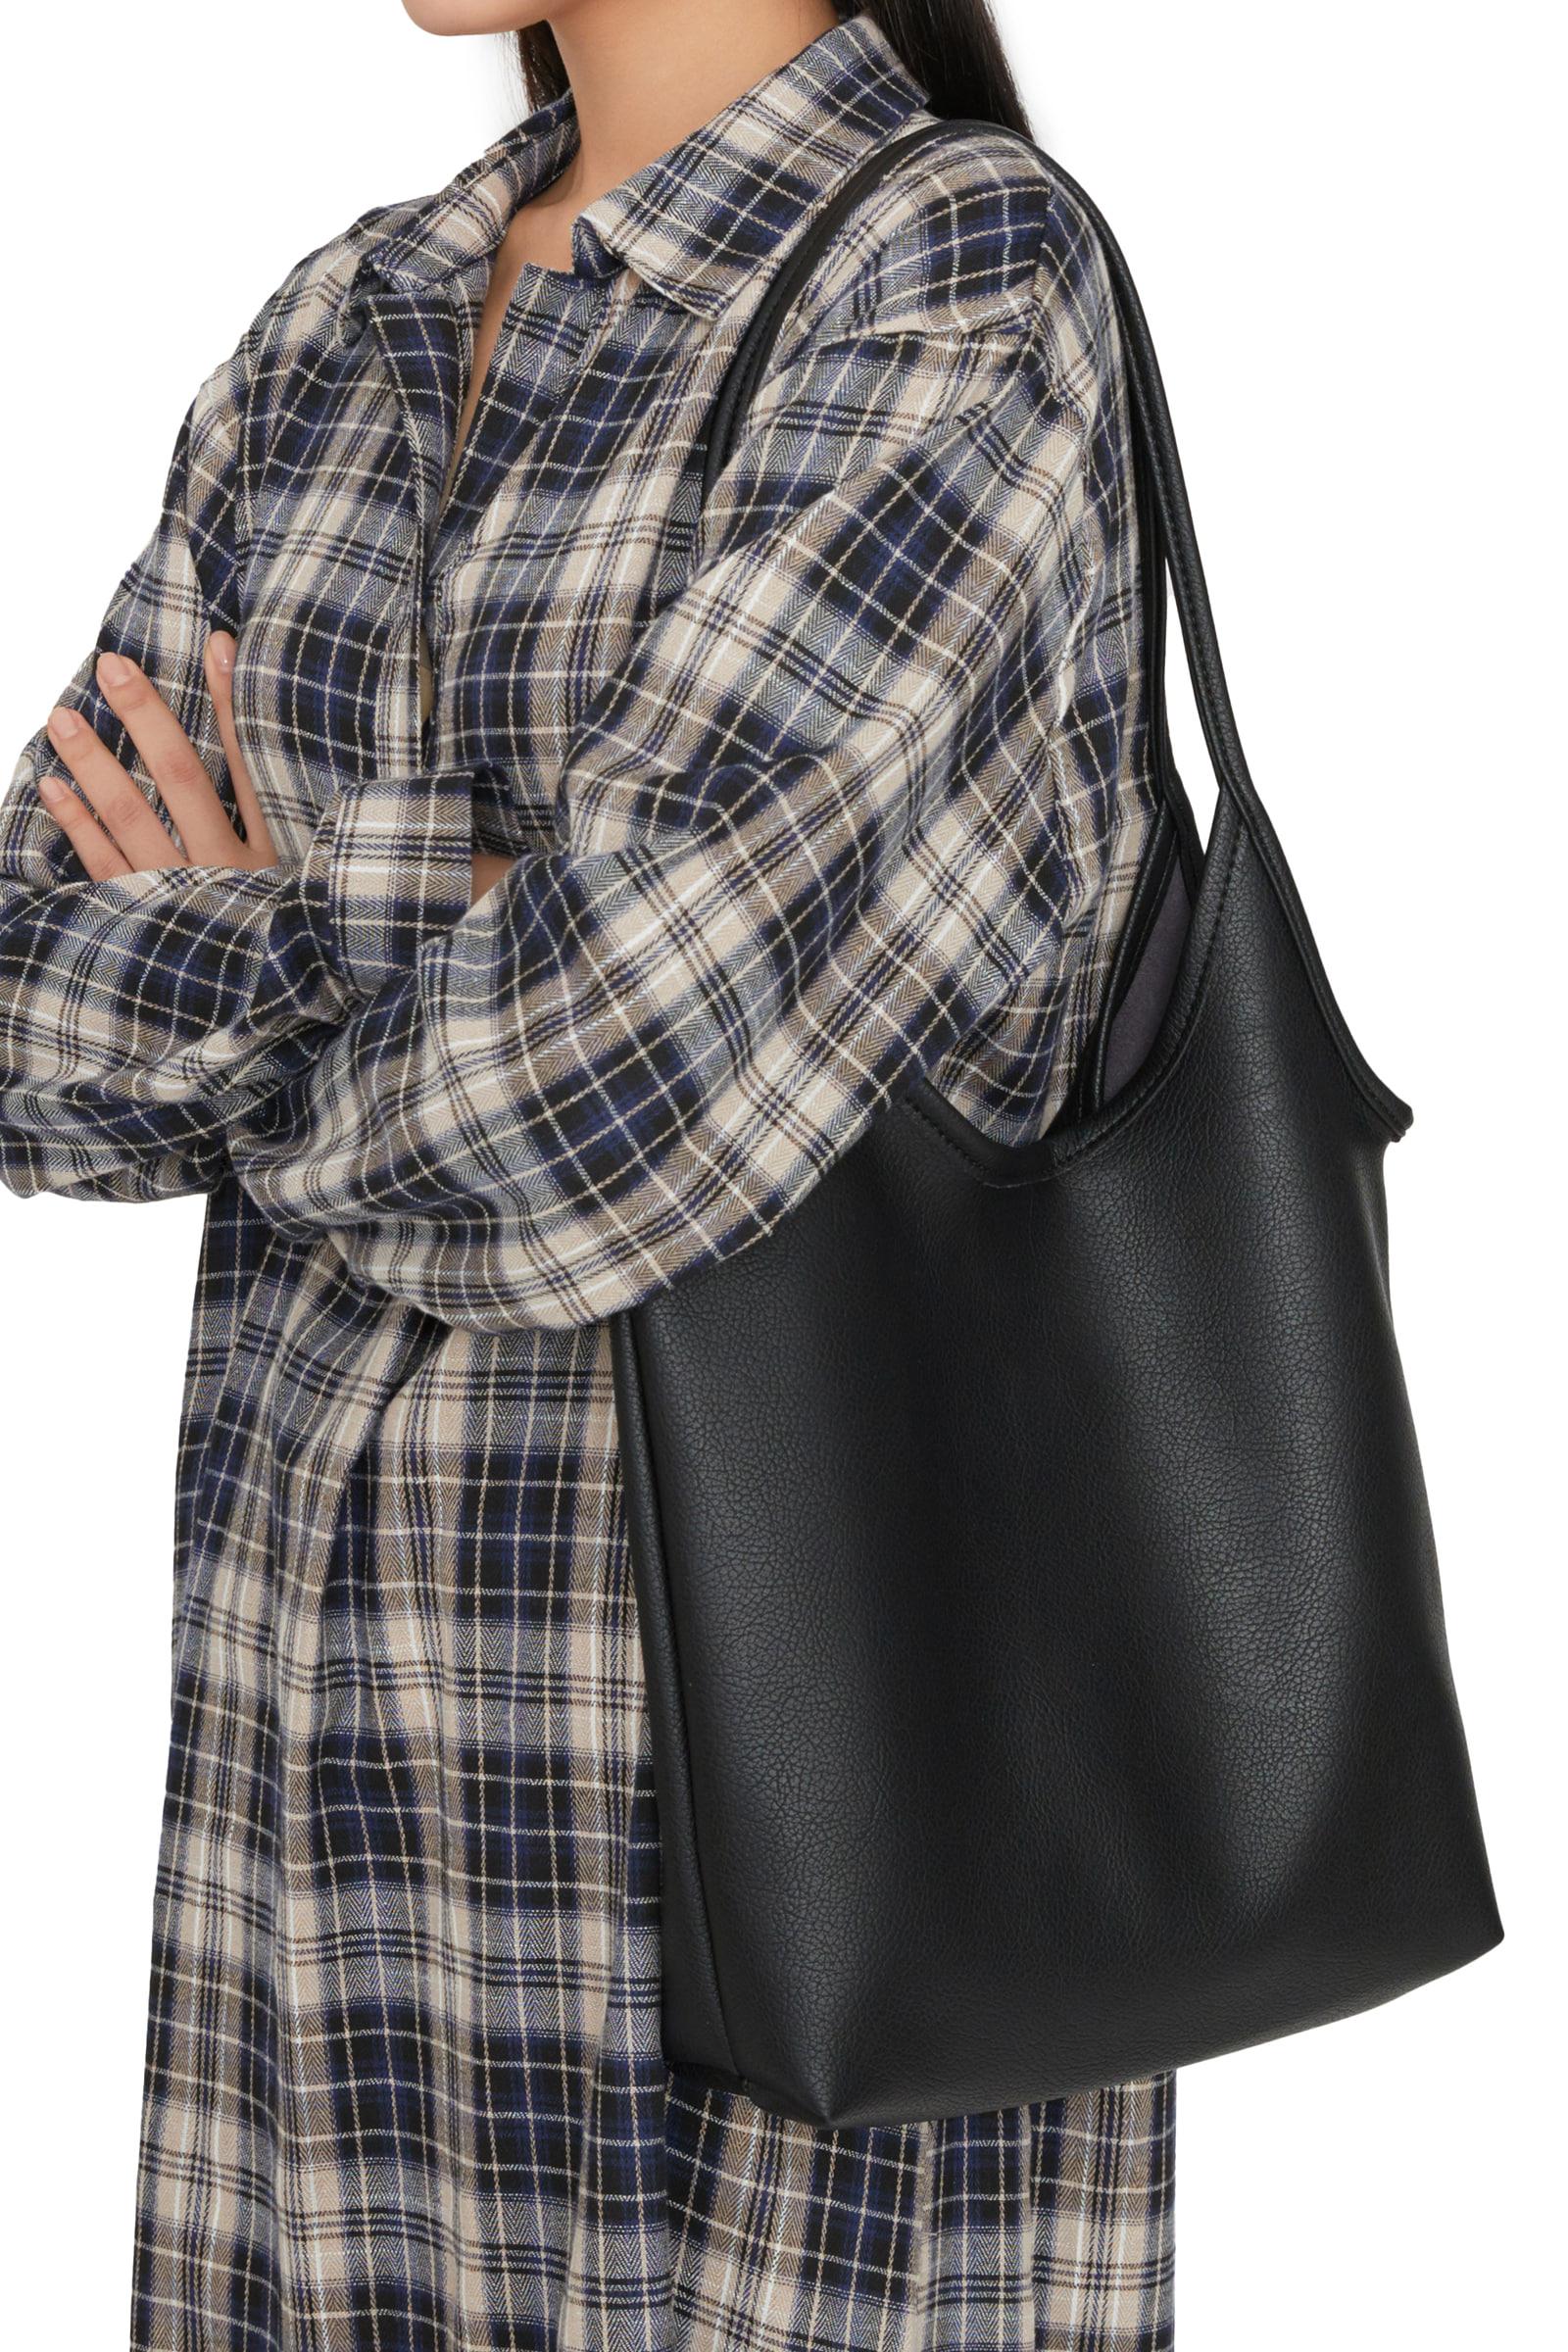 Soft basic shoulder bag